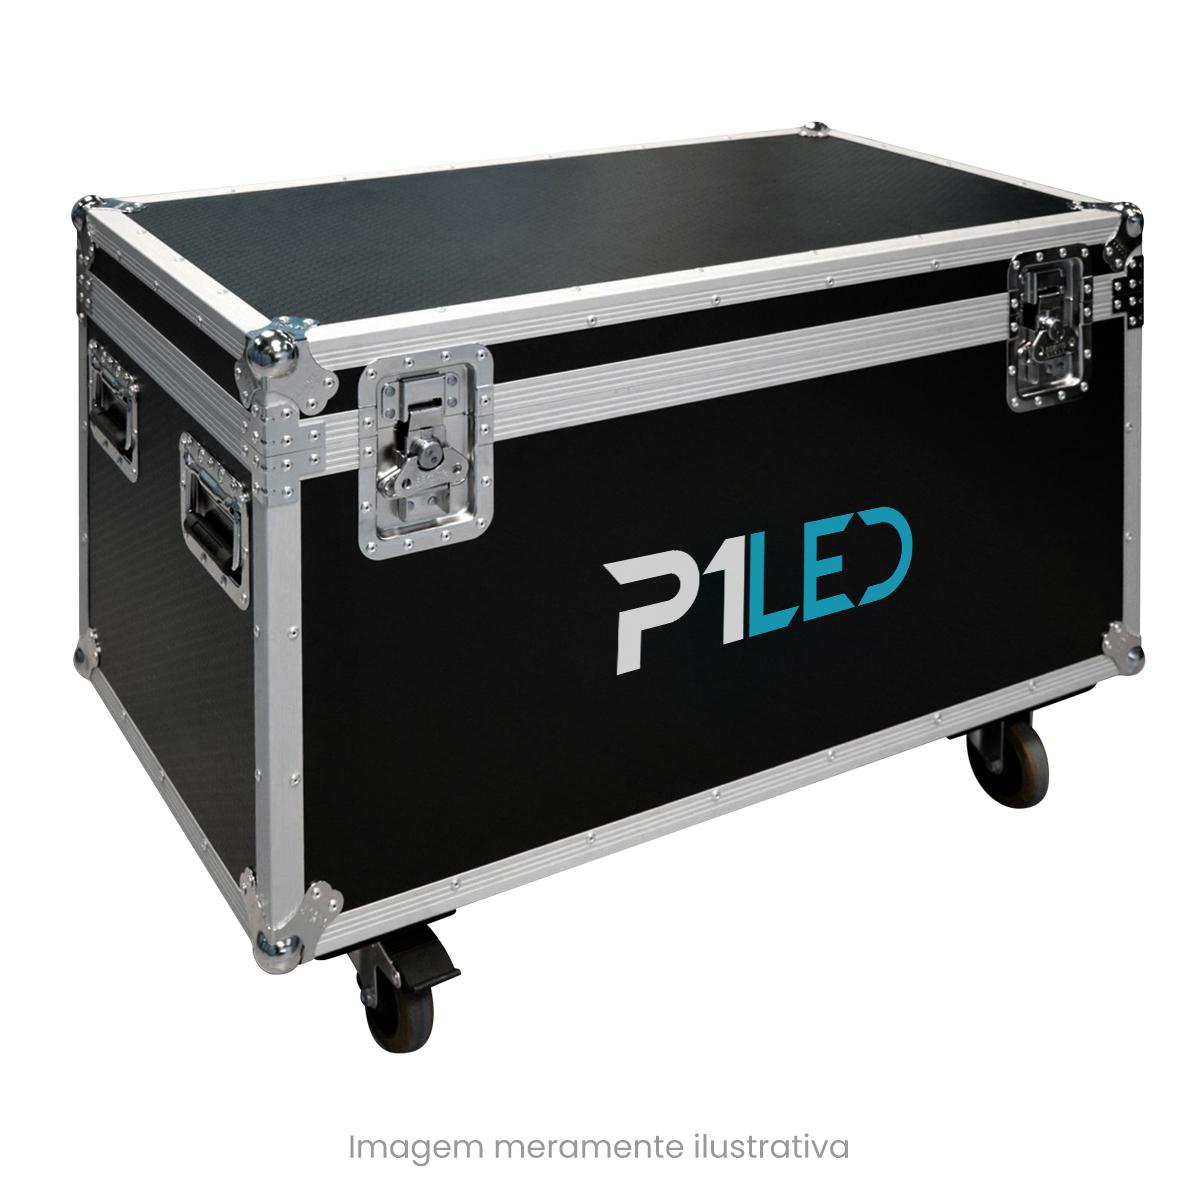 Painel de LED para Lojas e Comércios 2x1 - Telão P3 Indoor   - Painel e Telão de LED - O Melhor Preço em Painel de LED | P1LED